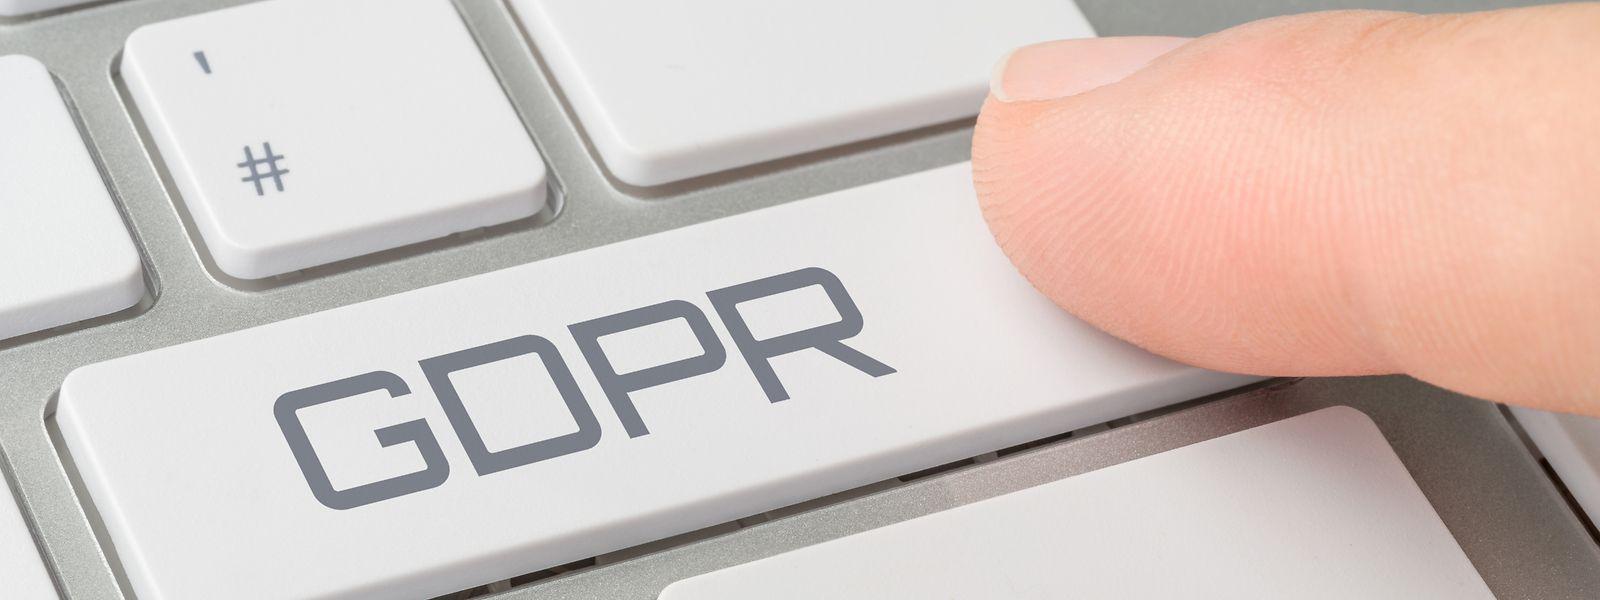 Depuis 2018, les données des citoyens sont protégées par le RGPD européen, une étape qui aurait échappé à Smart Analytics.